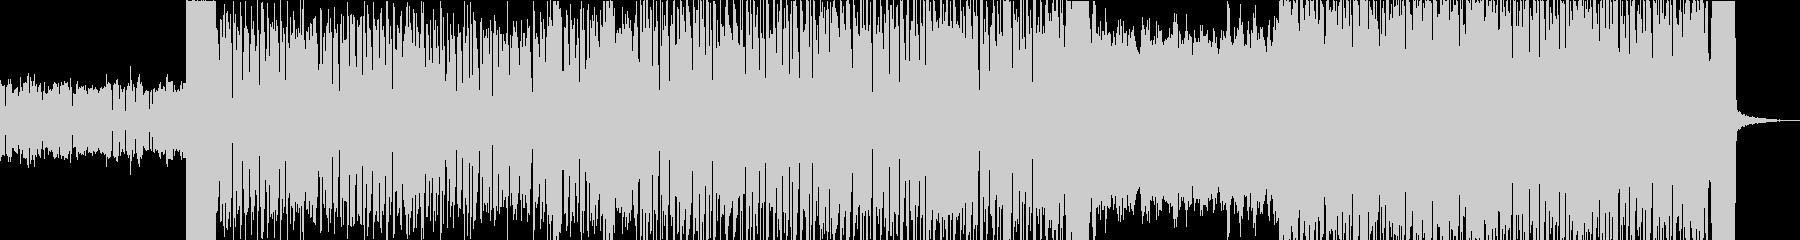 キラキラした雰囲気のエレクトロニカBGMの未再生の波形